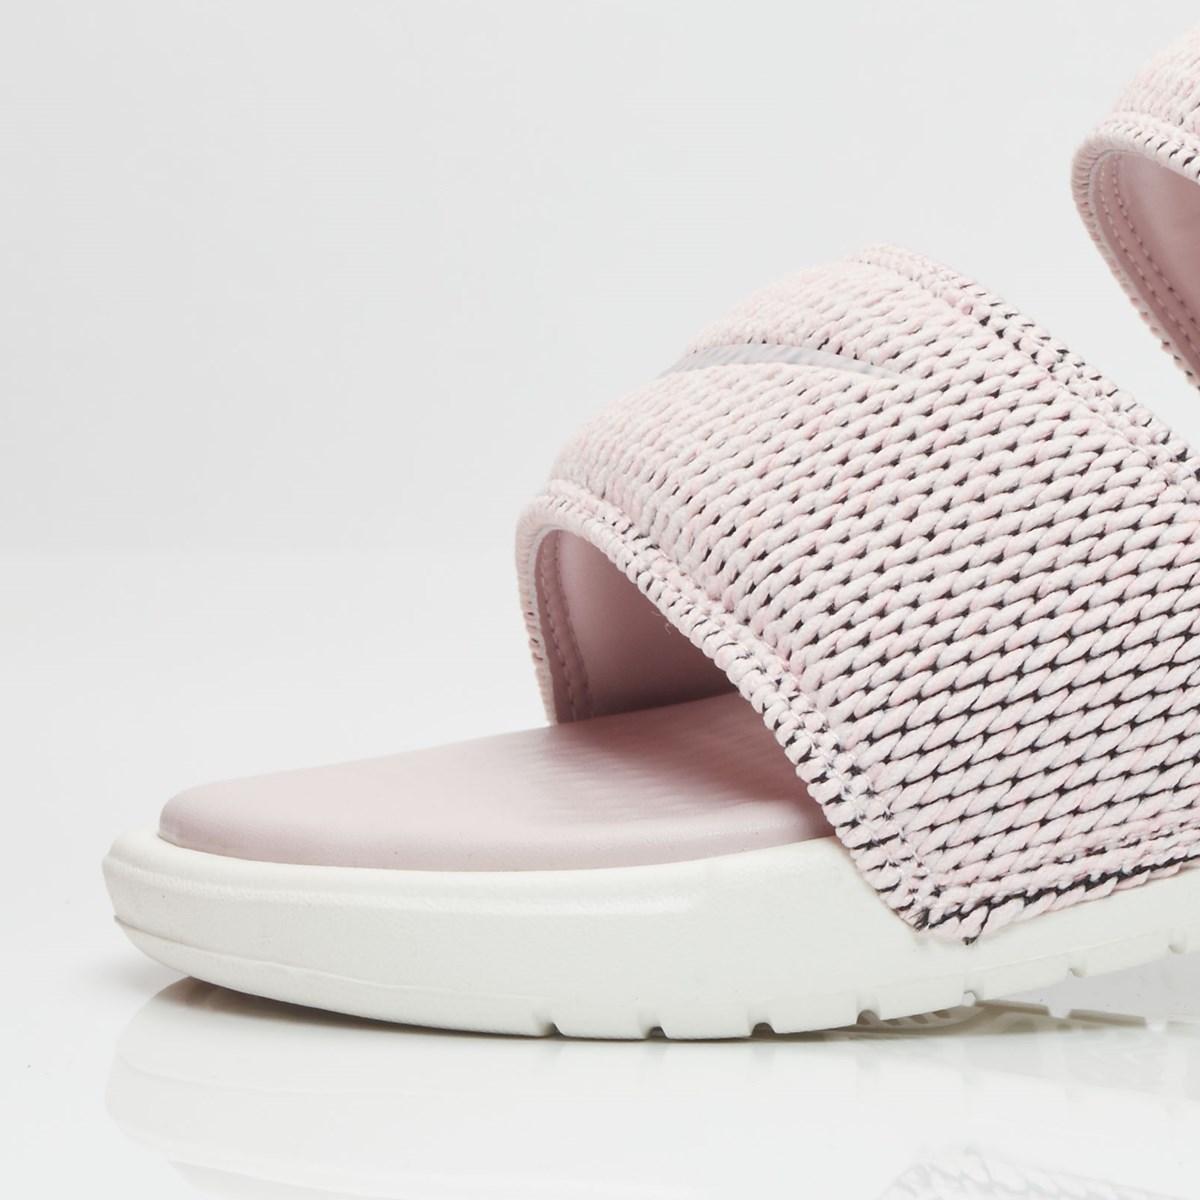 4d3497d70748 Nike Benassi Duo Ultra Slide   Pigalle - 902783-600 - Sneakersnstuff ...